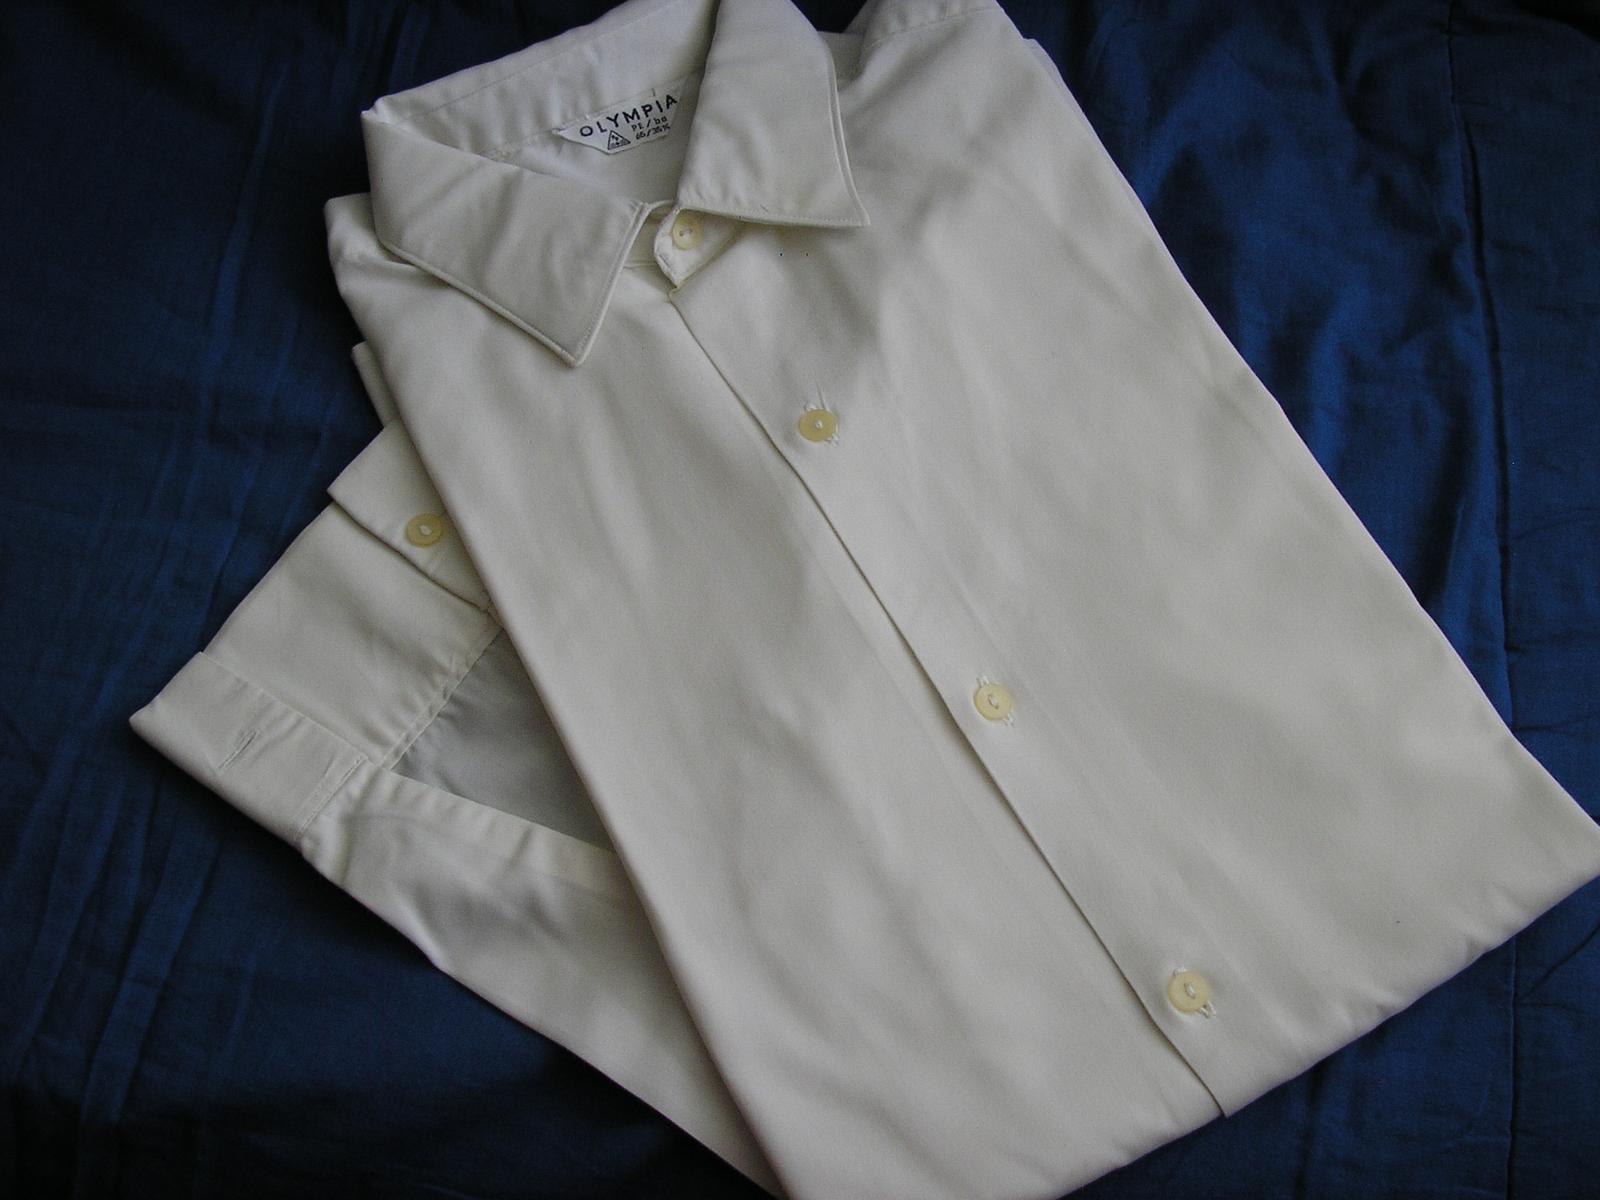 819. Olympia košeľa - Obrázok č. 1